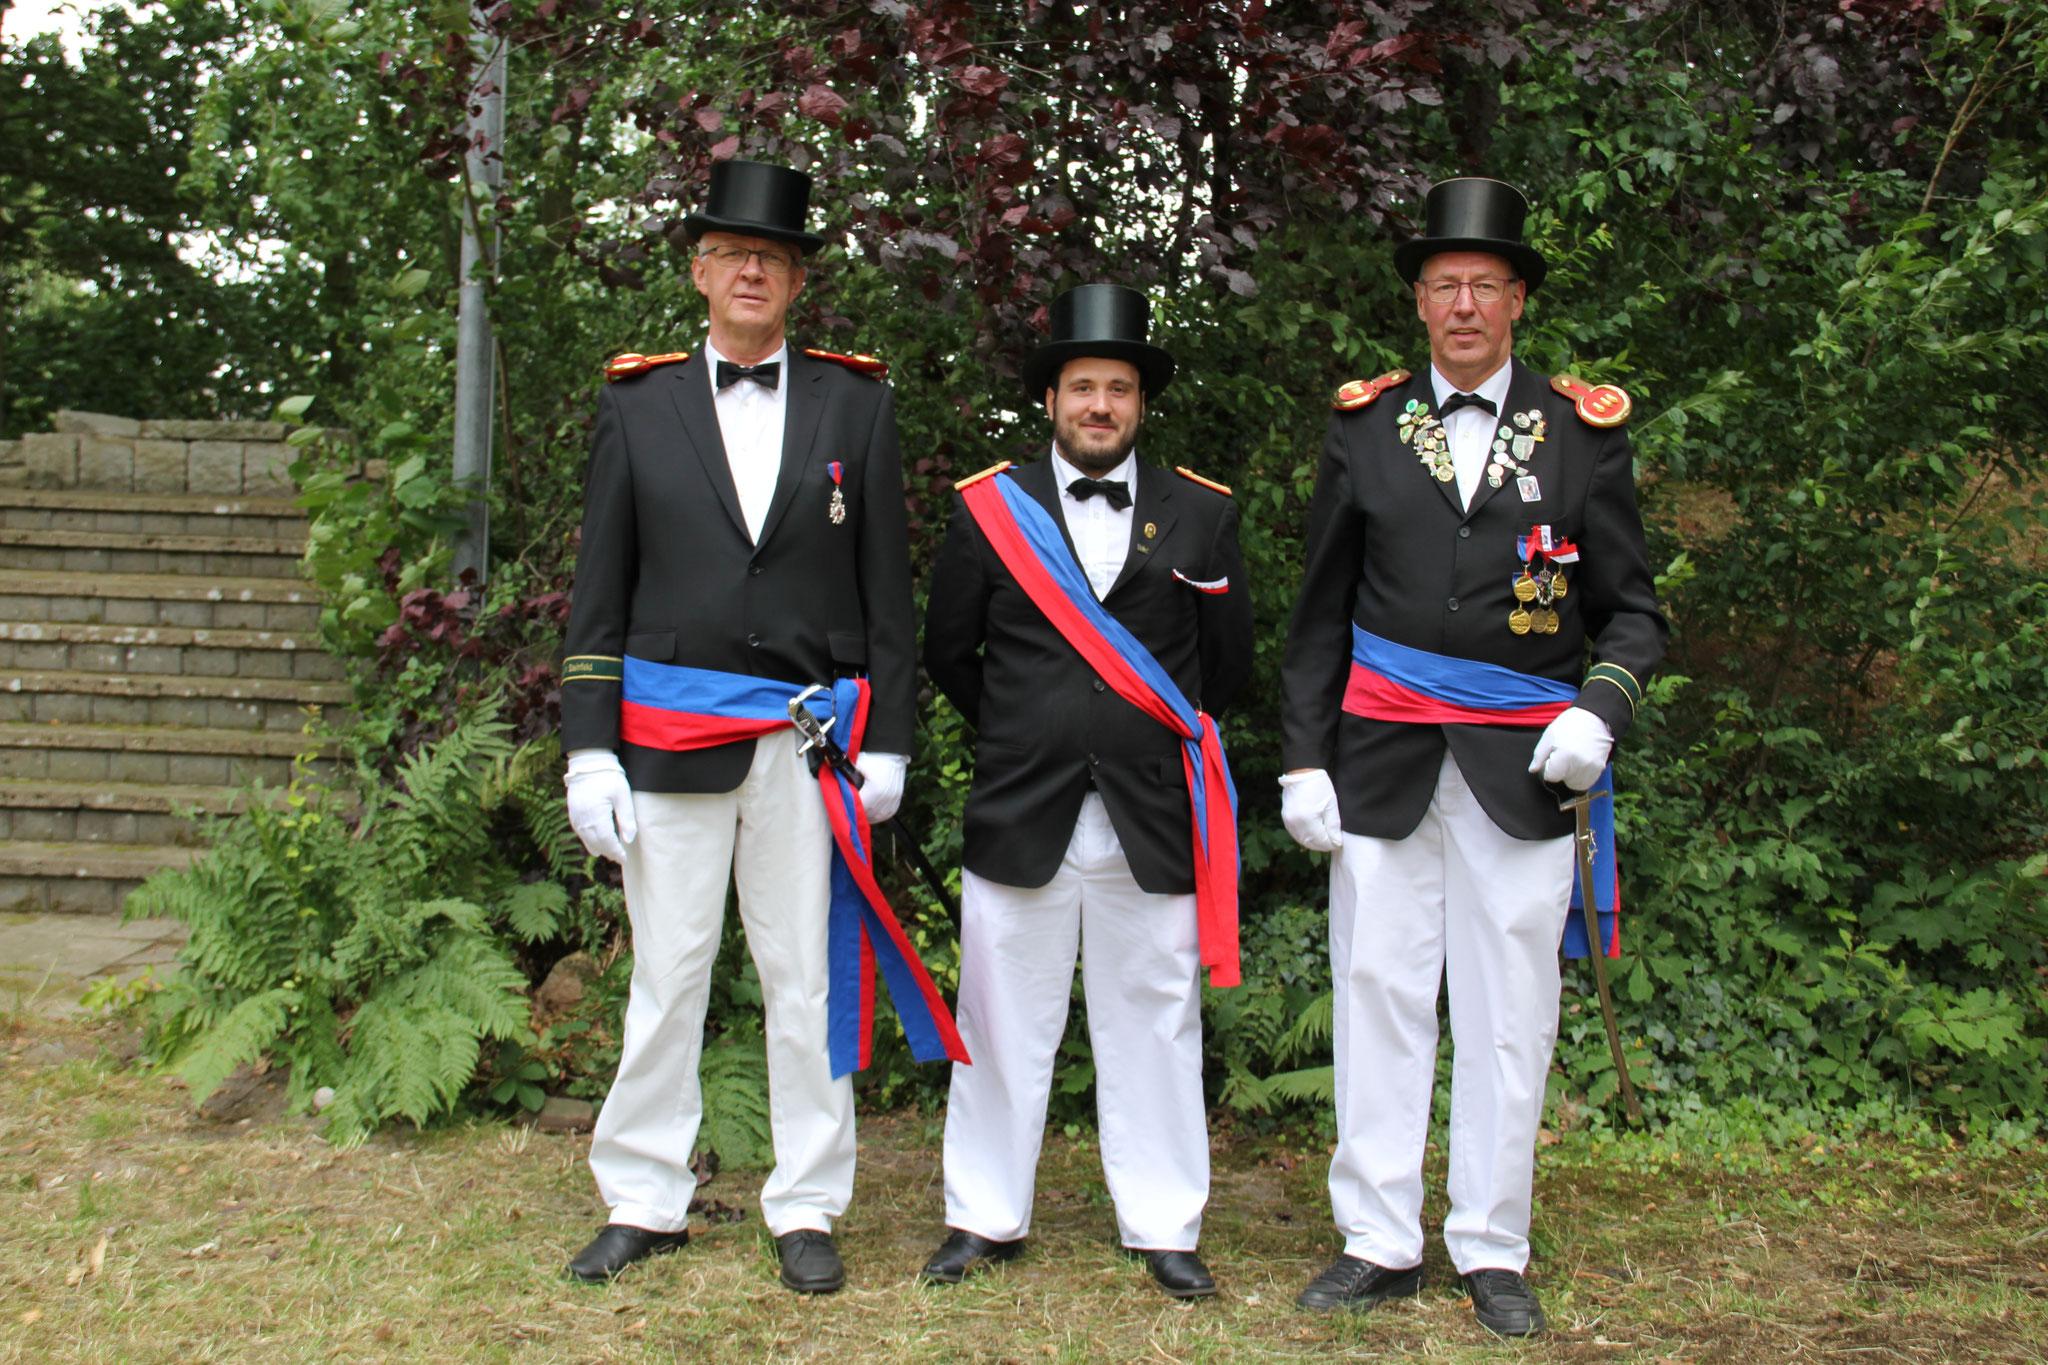 Offiziere der Kompanie Quellengrund: Klaus Schlarmann, Stefan Tscherbatko und Martin Willenbrink